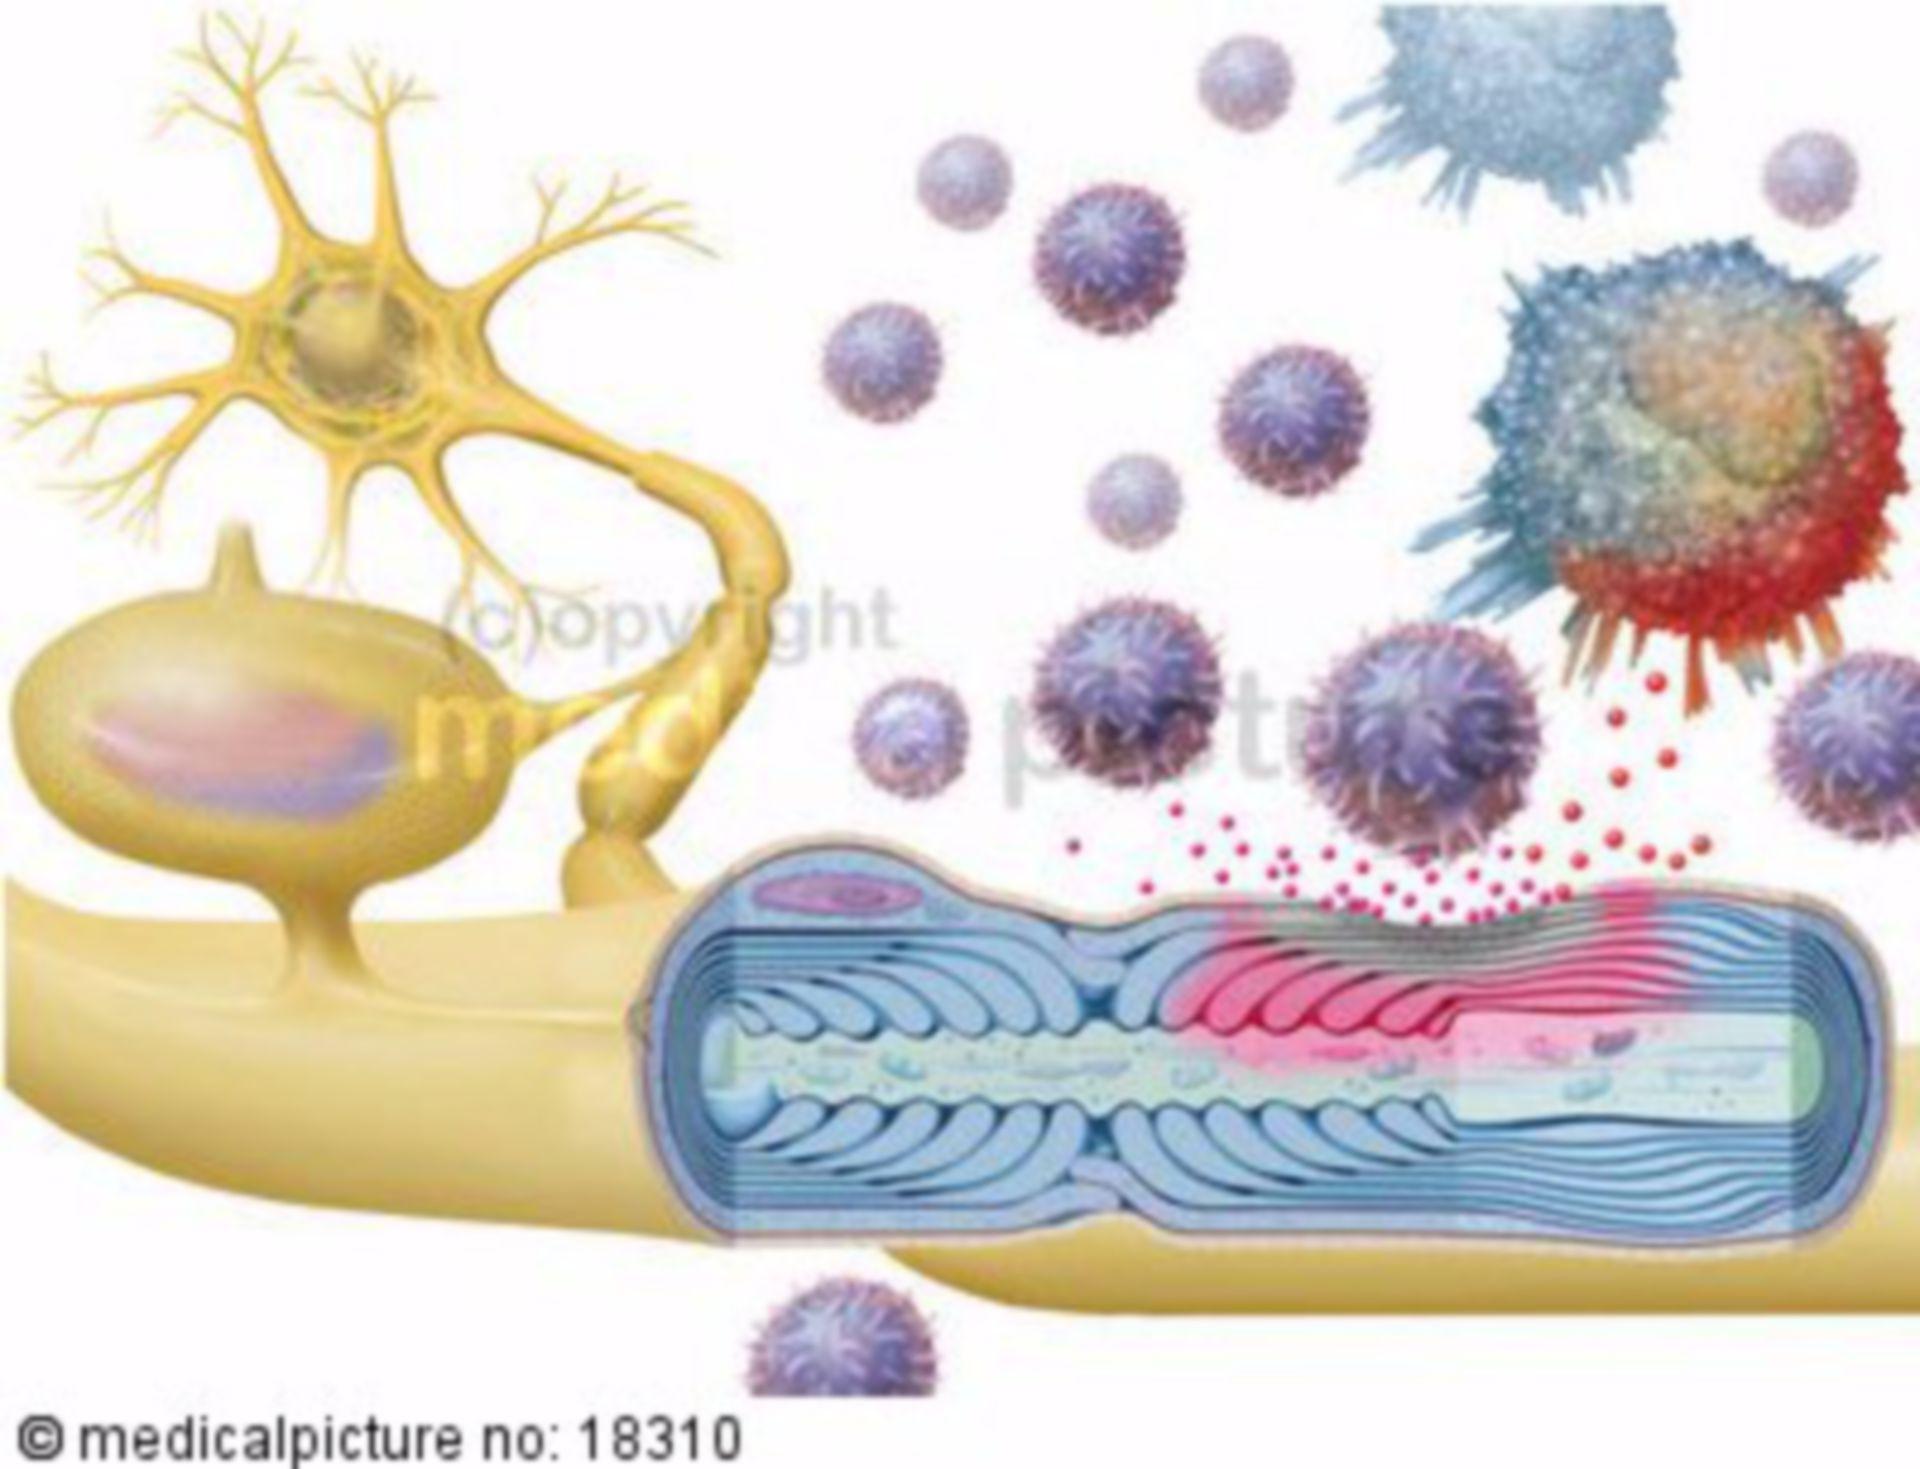 Multiple sclerosis (MS) - Encephalomyelitis disseminata